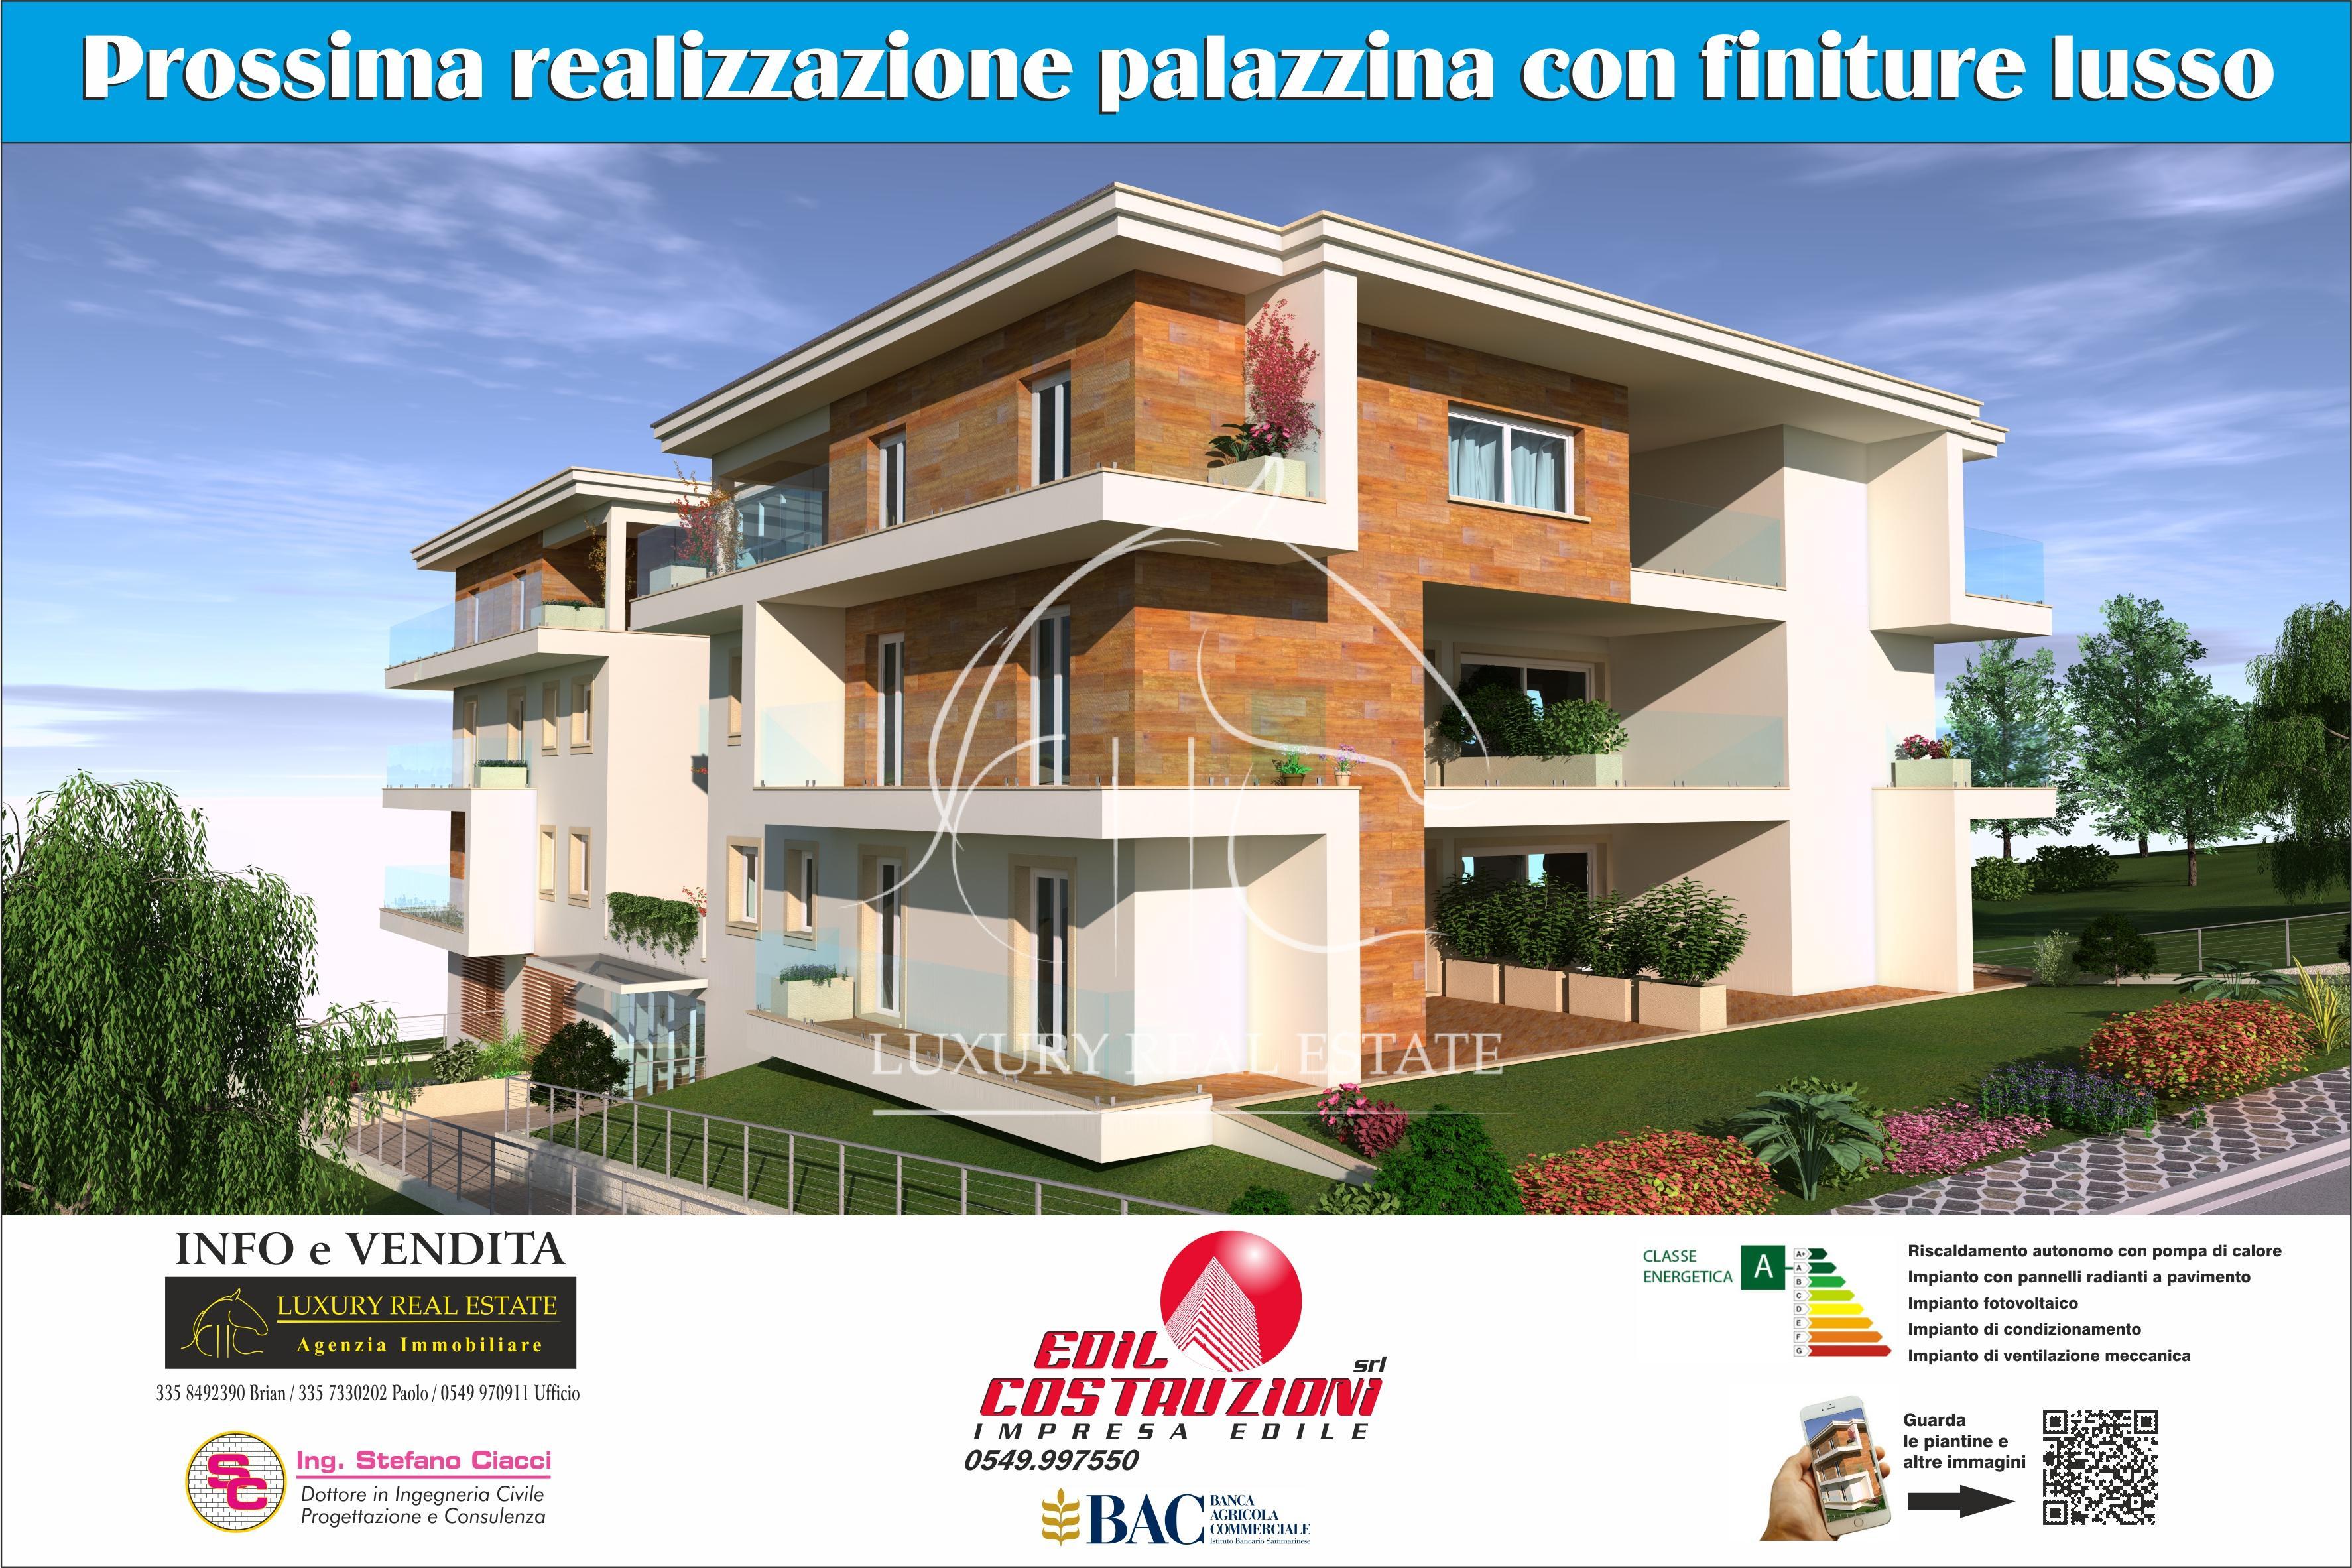 K.-Nr. 001 Wohnungen im Bau in der Gegend Falciano (RSM) Energieeffizienzklasse A